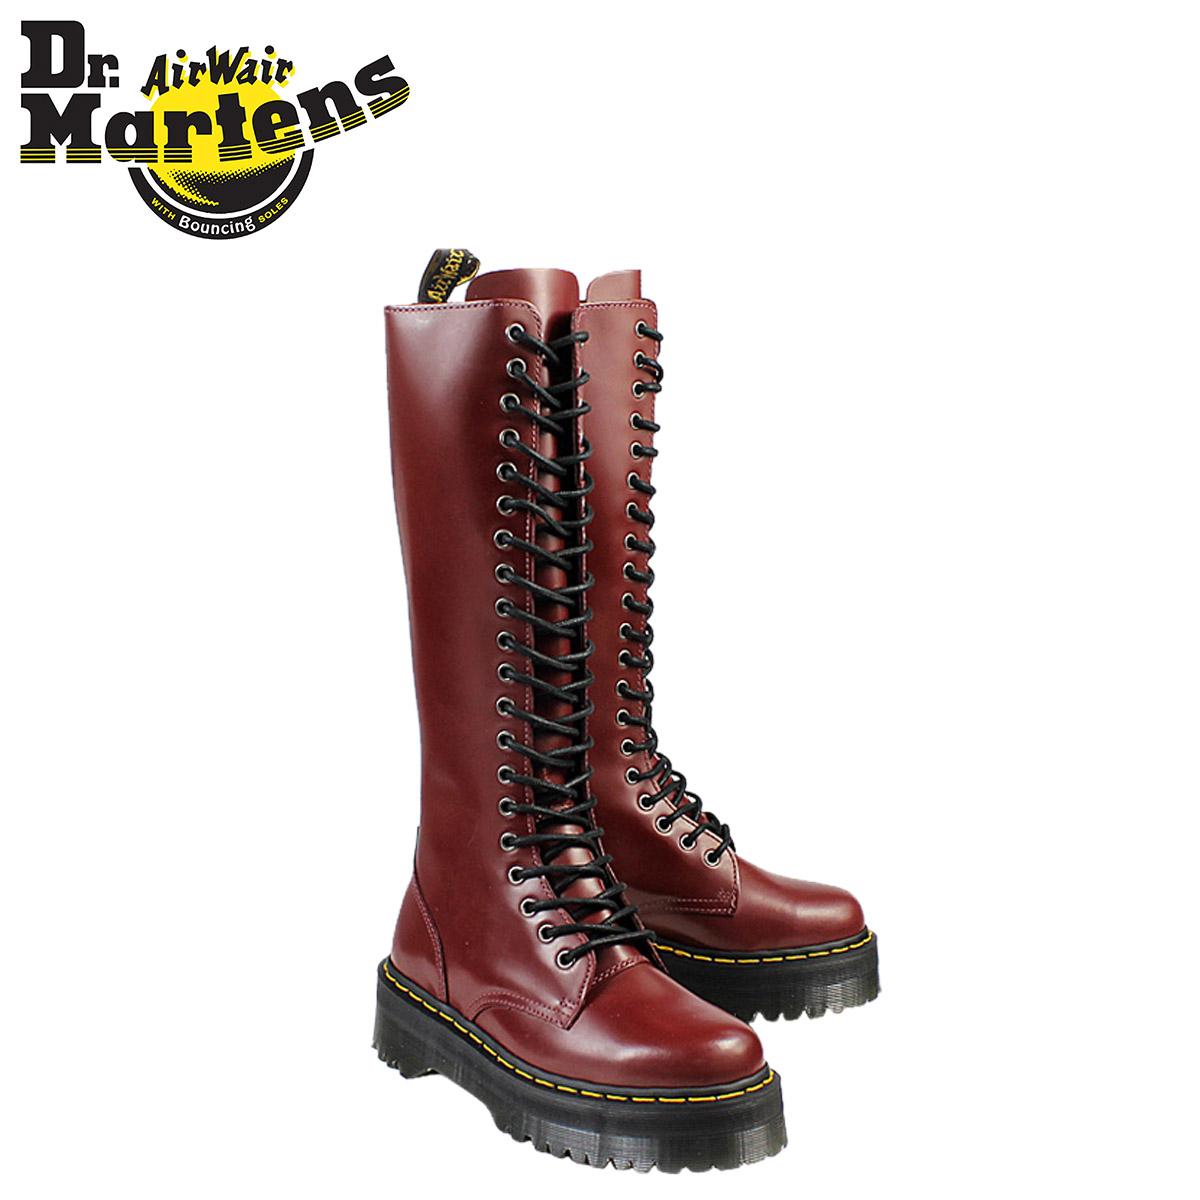 a91131d0081 Point 2 x leather ladies men's Dr. Martens Dr.Martens 20 hole boots [Cherry  Red] R15264601 BRITAIN [regular] 02P13Dec14